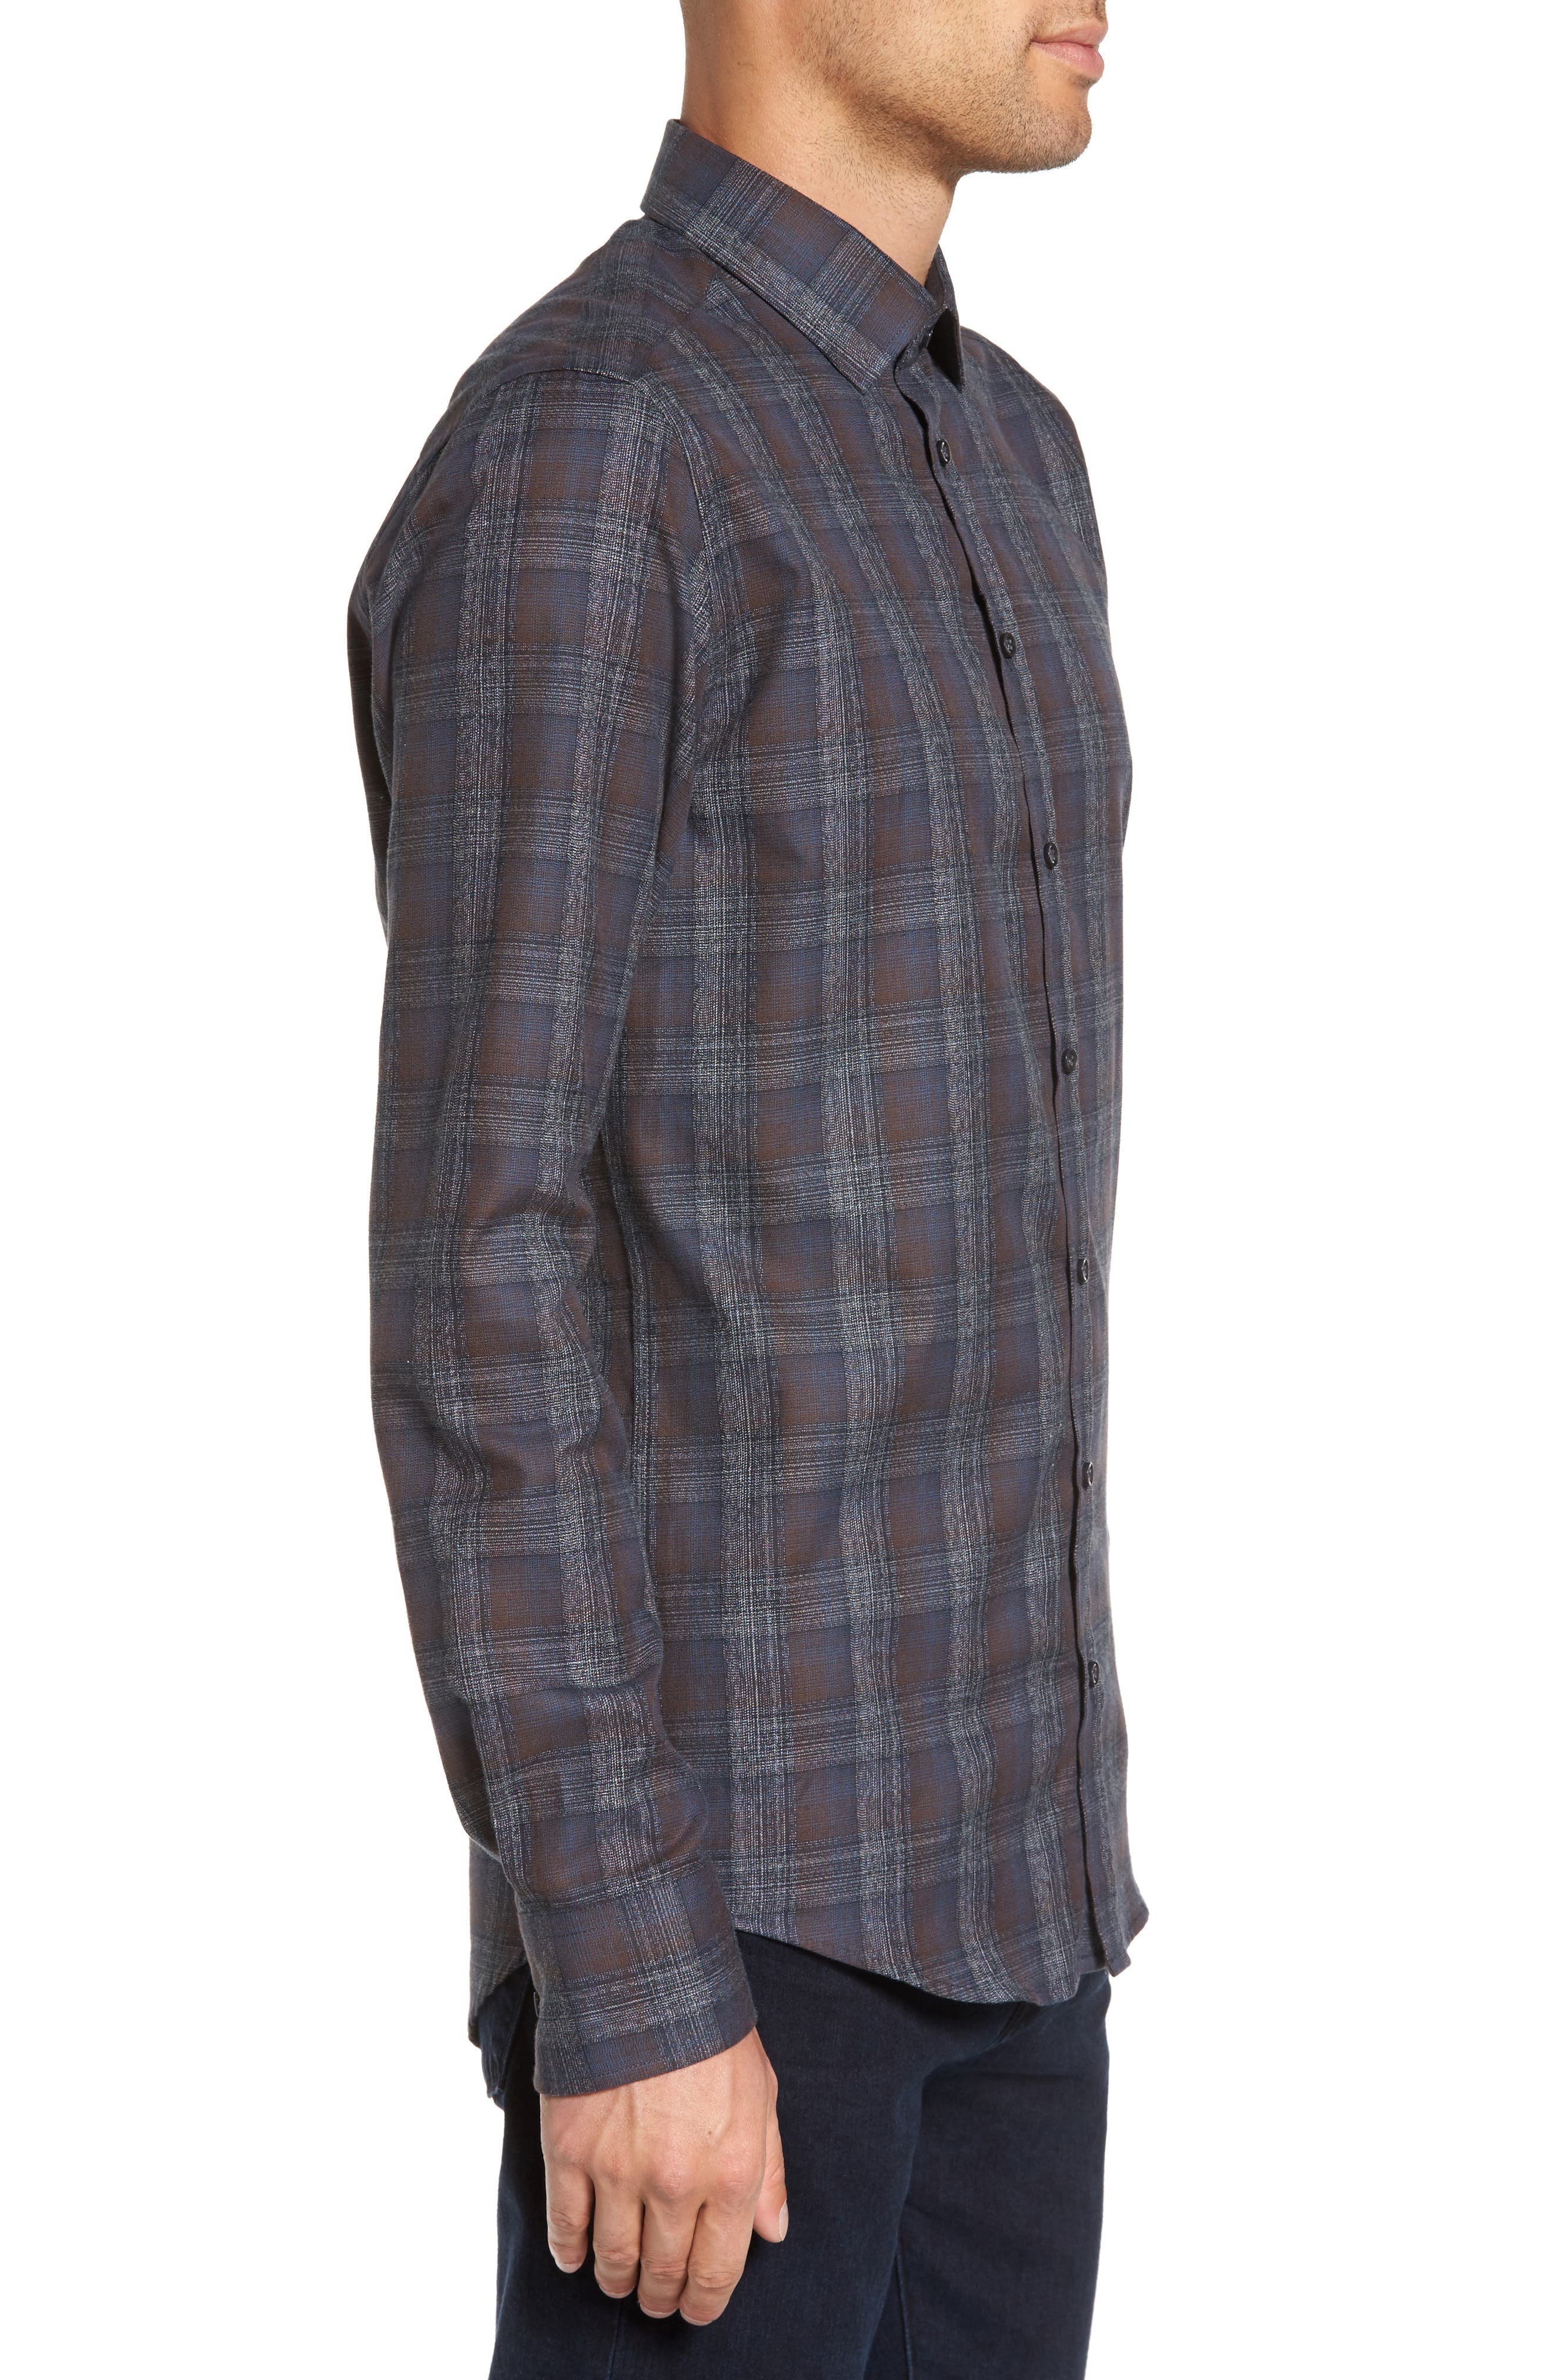 Trim Fit Plaid Sport Shirt,                             Alternate thumbnail 3, color,                             290 Brown Grey Plaid